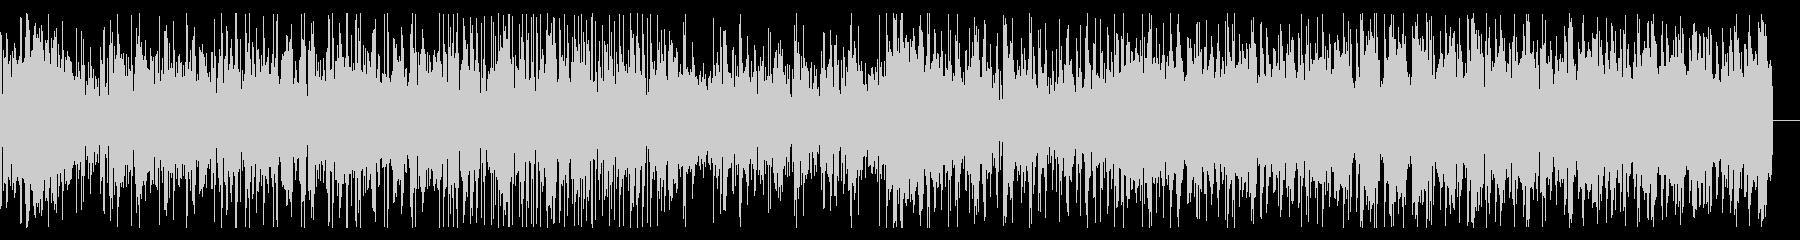 ロボティックなビートとテクスチャのIDMの未再生の波形